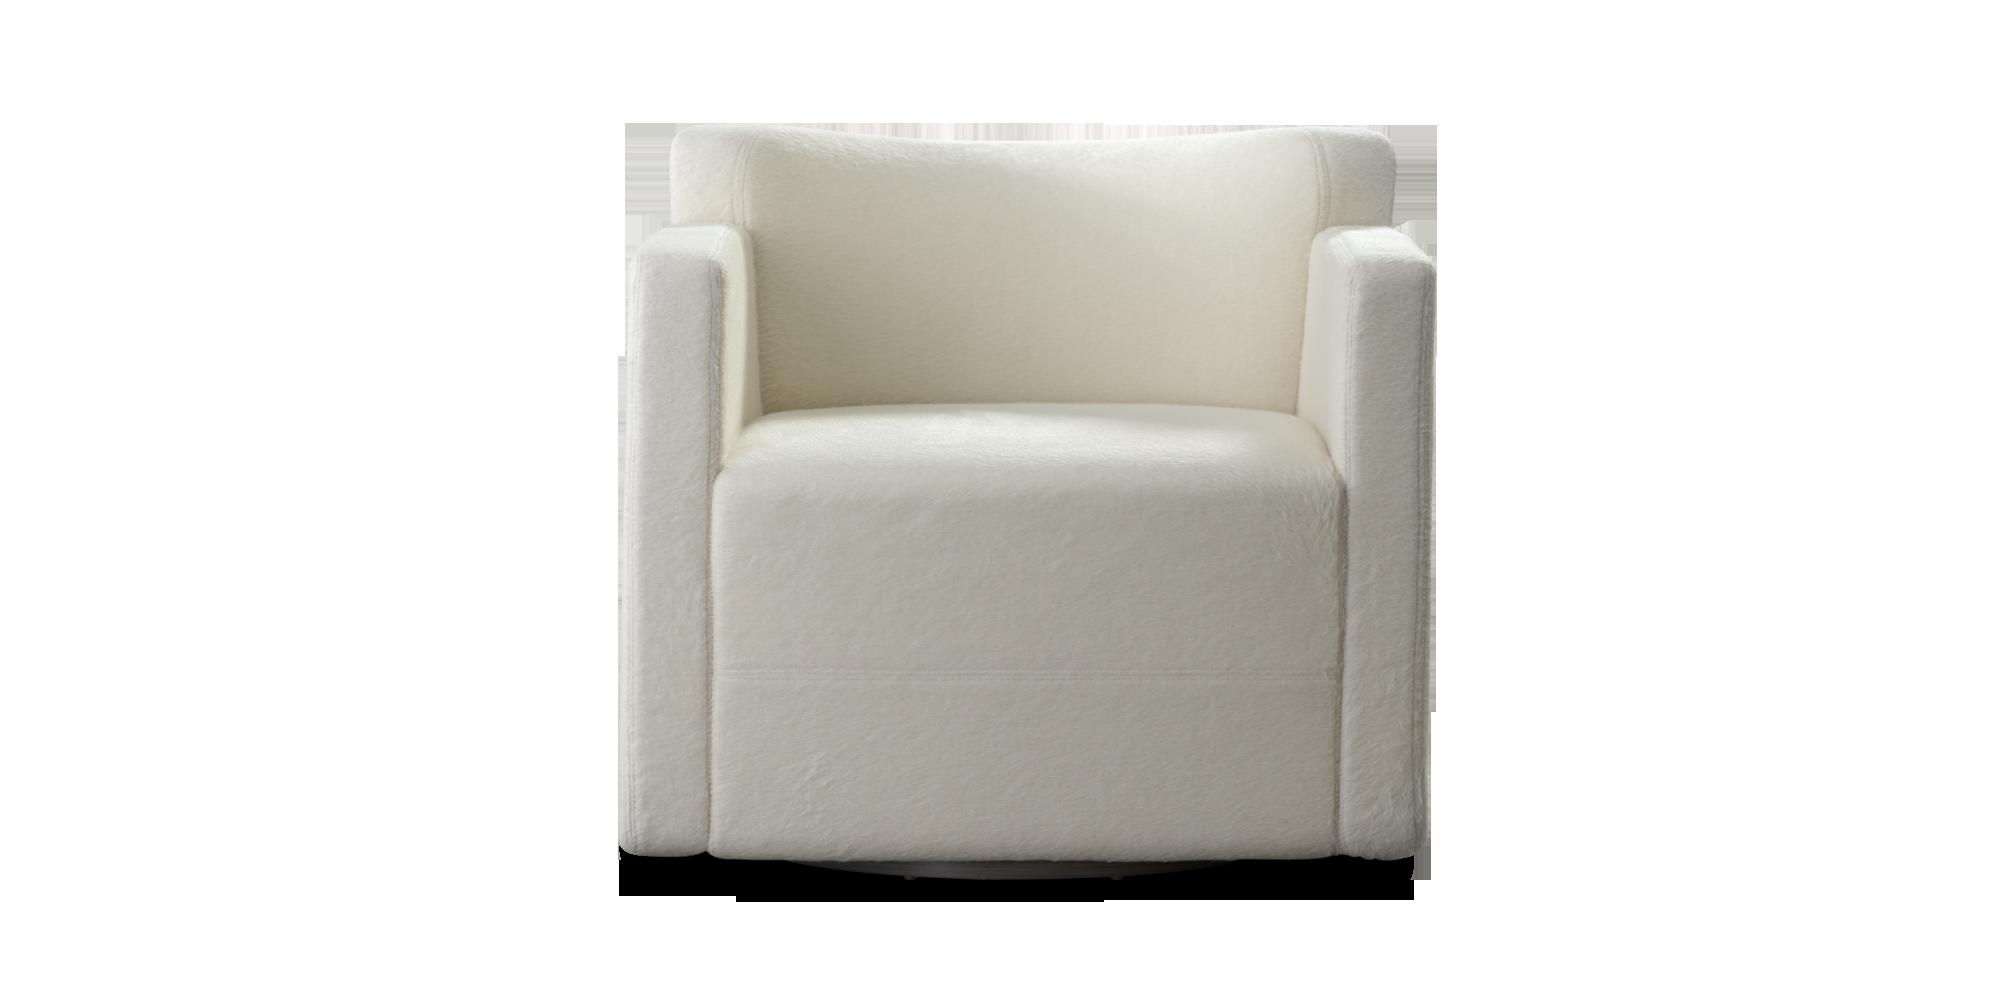 Maras Chair Ottoman In Jiun Ho Inc Chair And Ottoman Chair